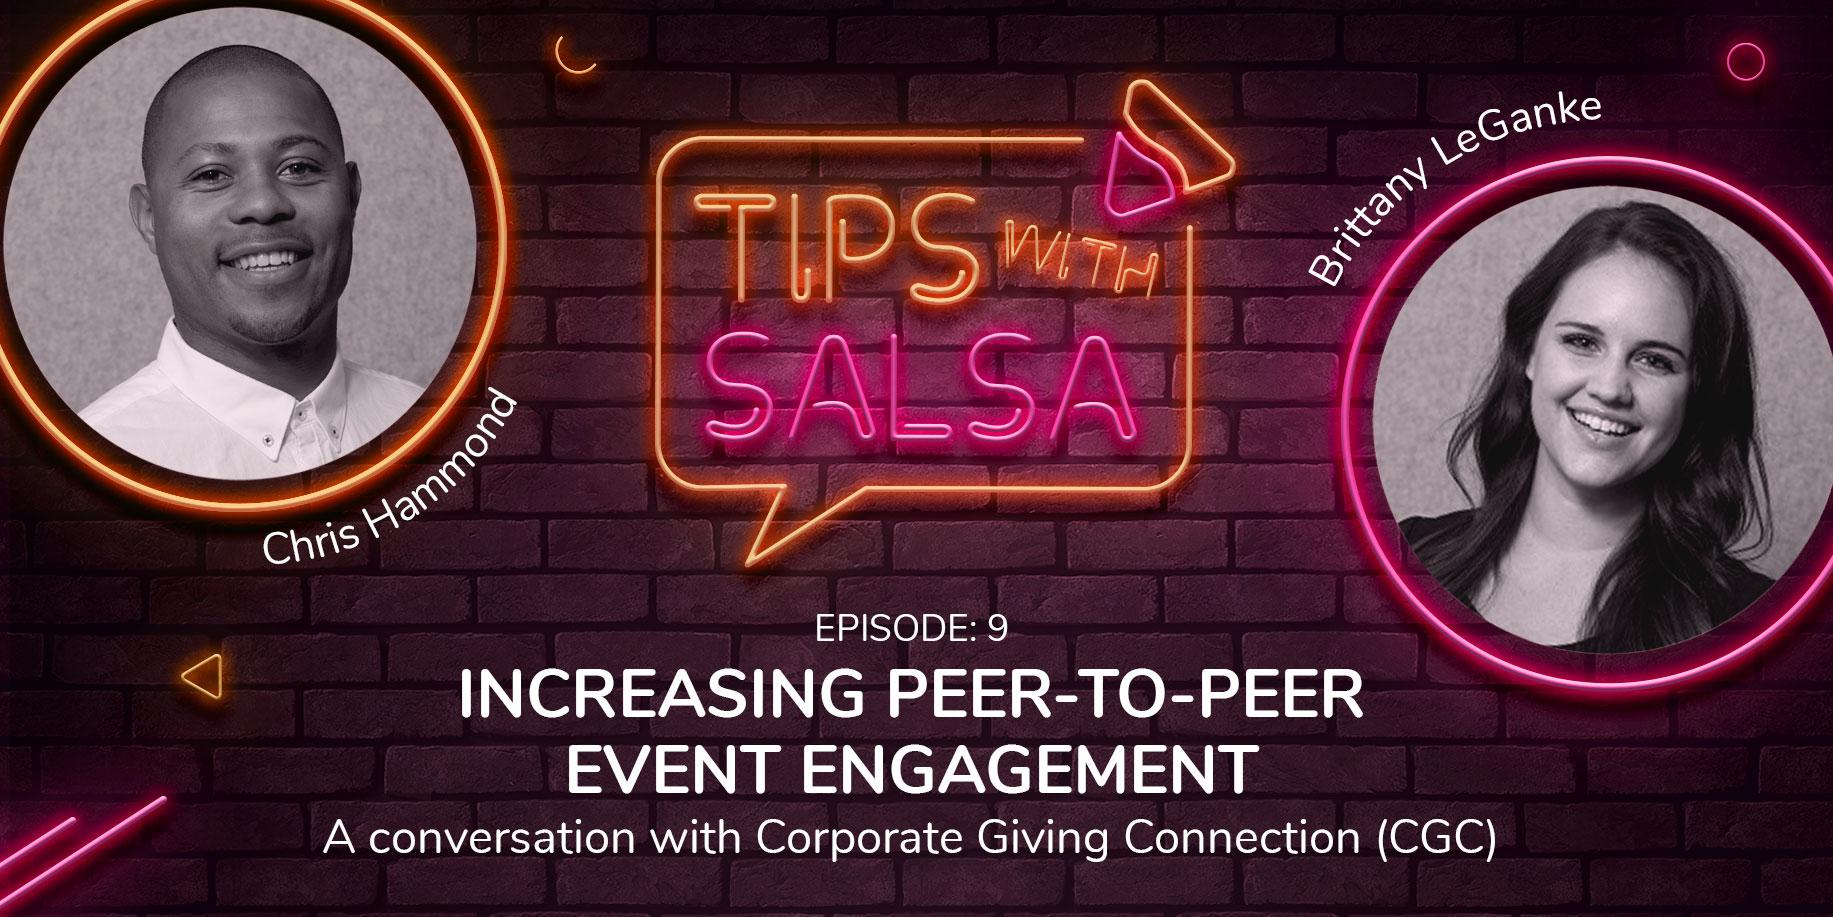 Increasing Peer-to-Peer Event Engagement